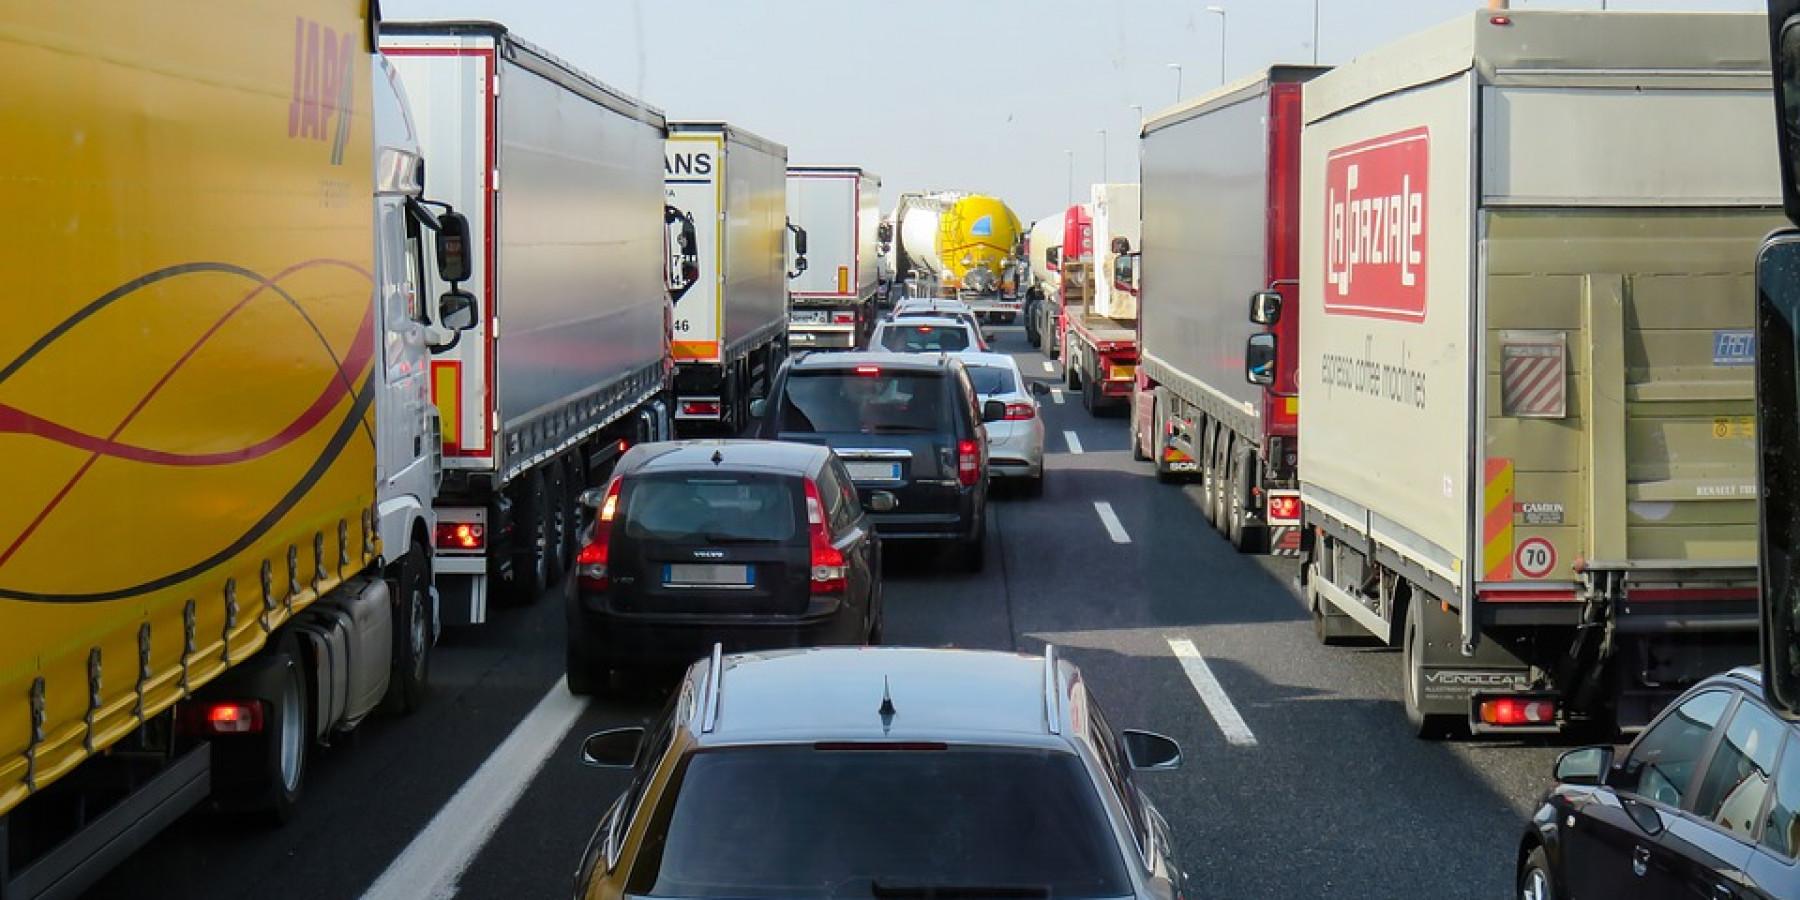 Autobahn – Unfall am Stauende – Zwei Verletzte